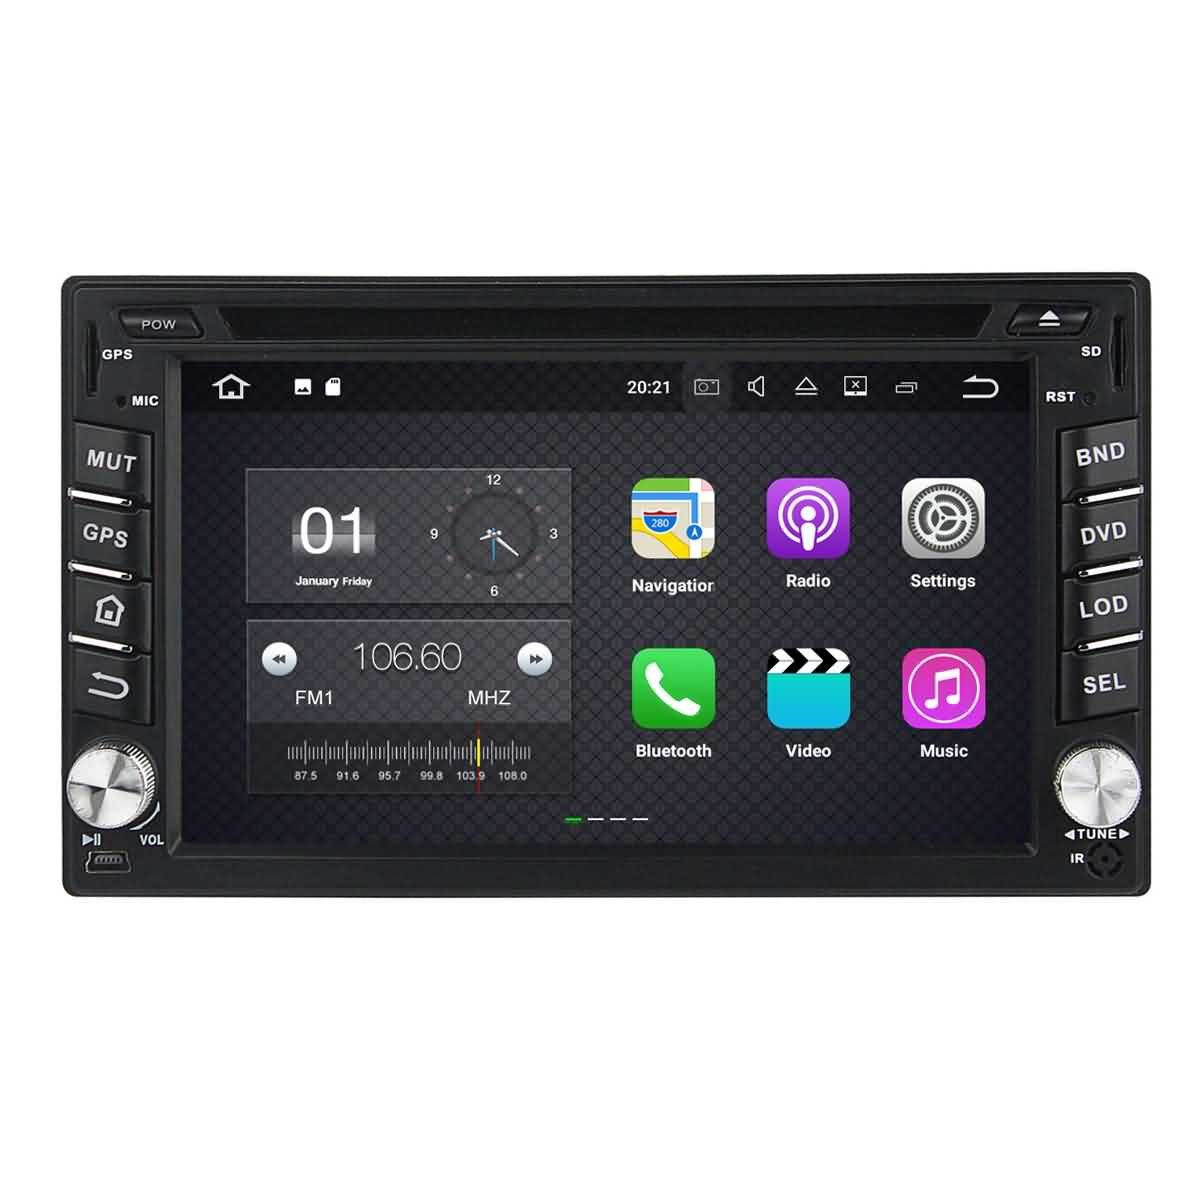 2 Din 6.2 pouces Android 7.1 stéréo de voiture pour Nissan Frontier 2001 2002 2003 2004 2005 2006 2007 2008 2009 2010 2011,DAB+ radio 800x480 écran tactile capacitif avec Quad Core Cortex A9 1.6G CPU 16G free shipping